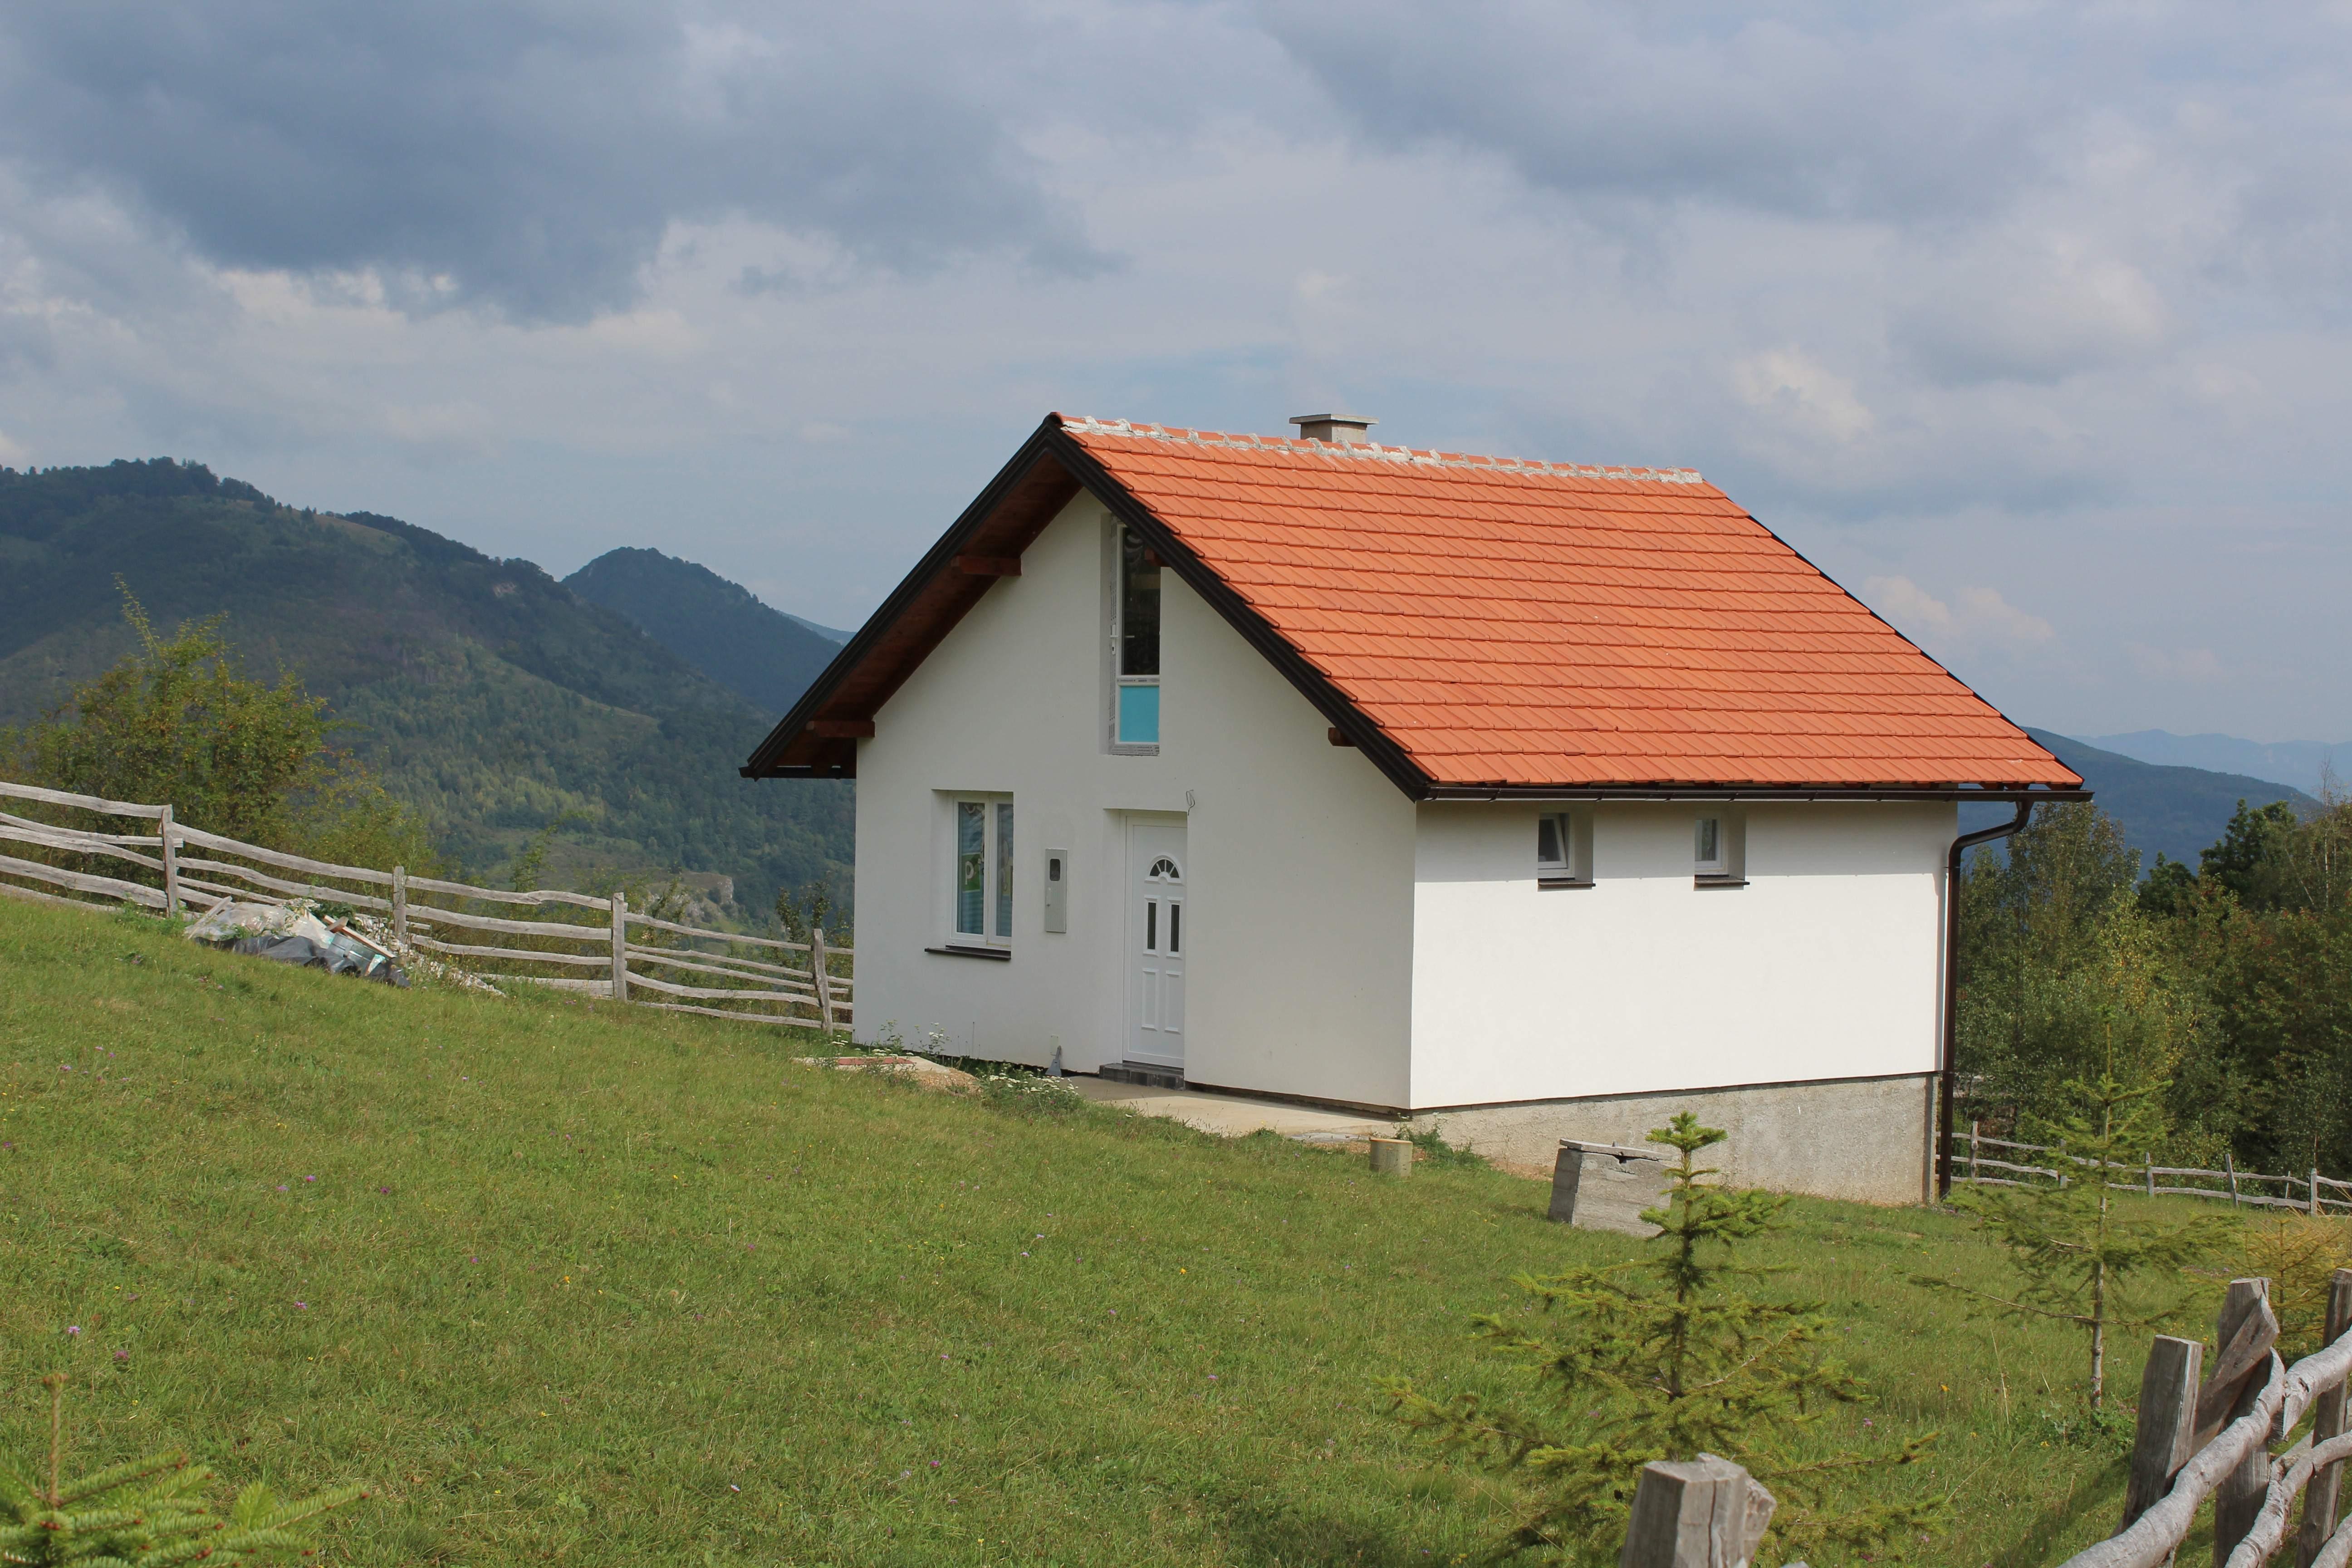 Nova kuća zjapi prazna, jer nemaju novca da priključe struju i vodu